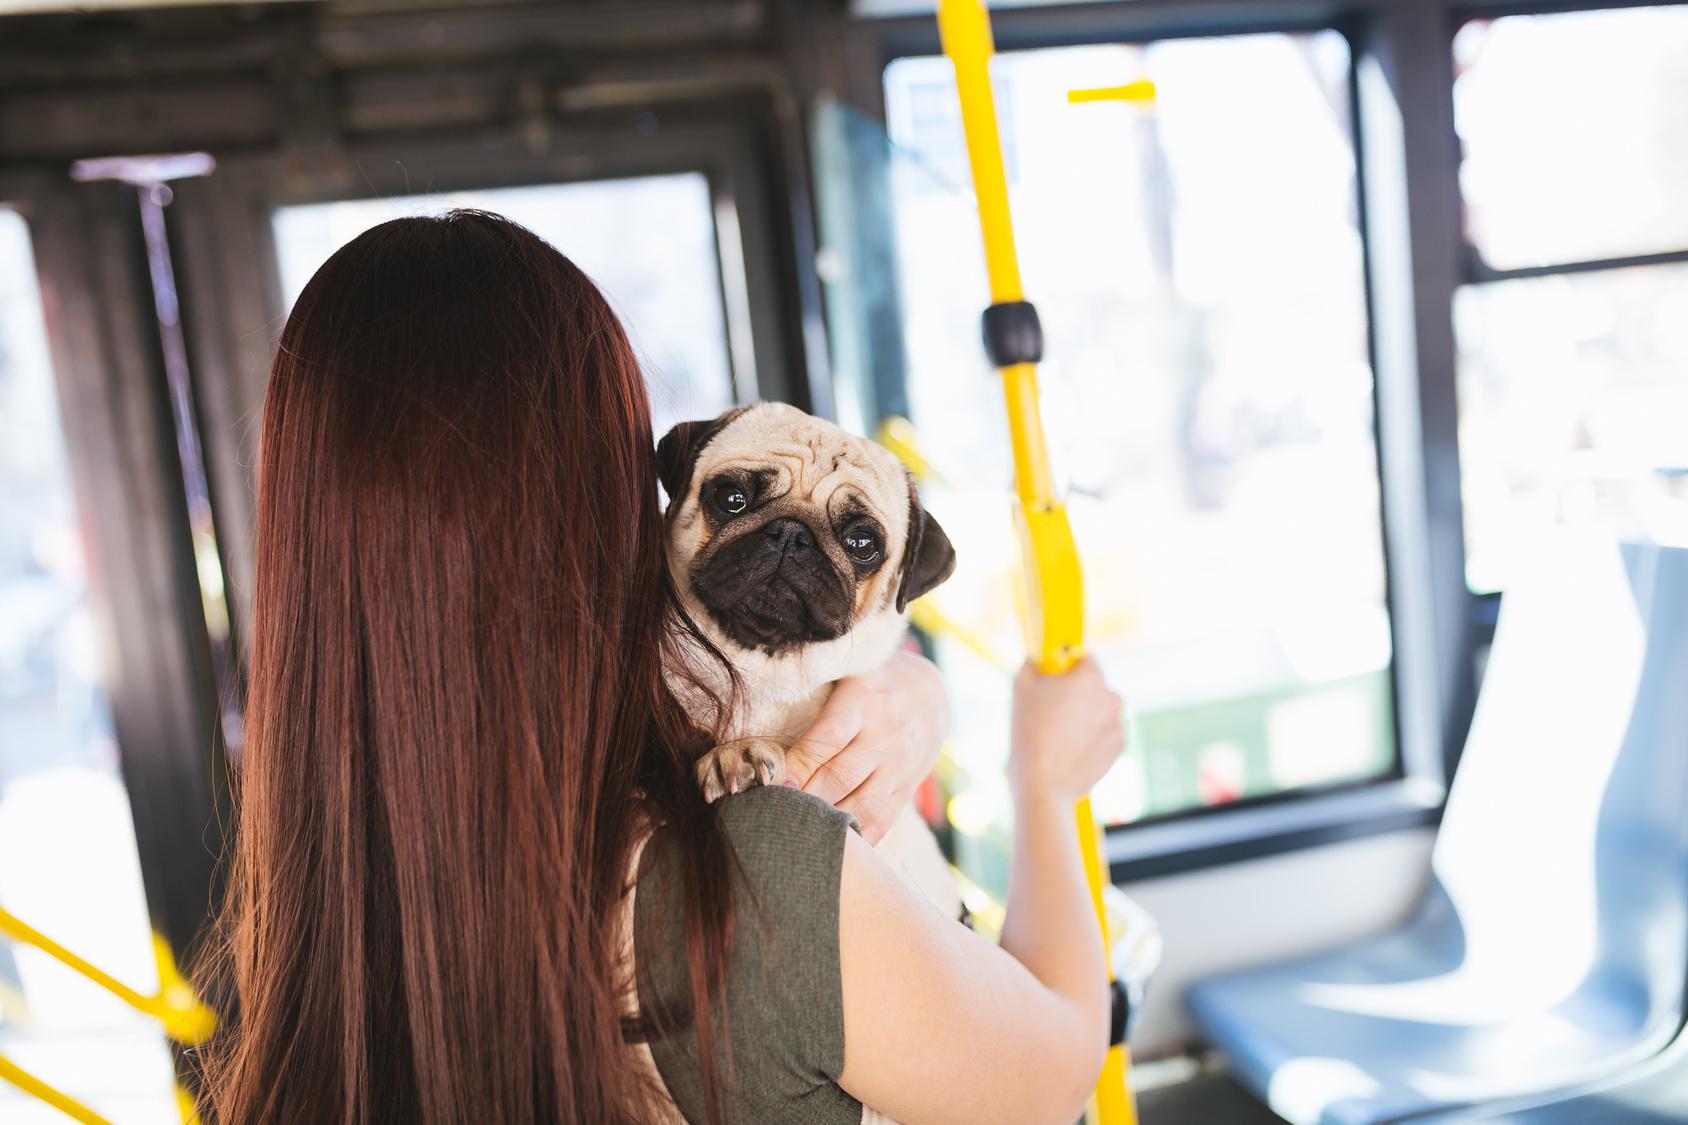 ペットとお出かけしたい!ペット同伴で電車やバスに乗る時の正しいマナー